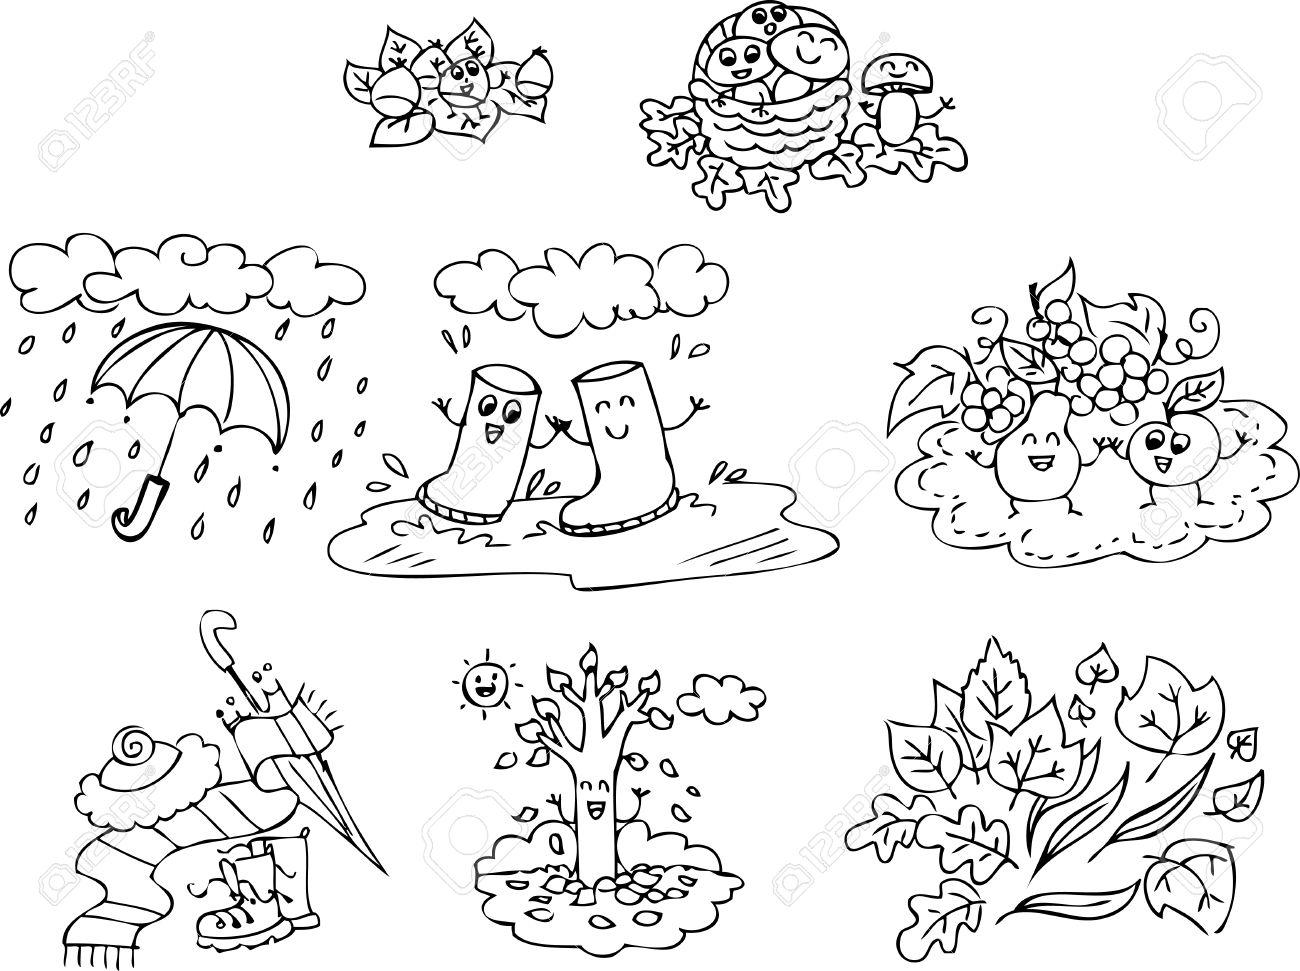 Ausmalbilder Herbst Kindergarten : Malvorlage Herbst Elemente F R Kinder Lizenzfrei Nutzbare